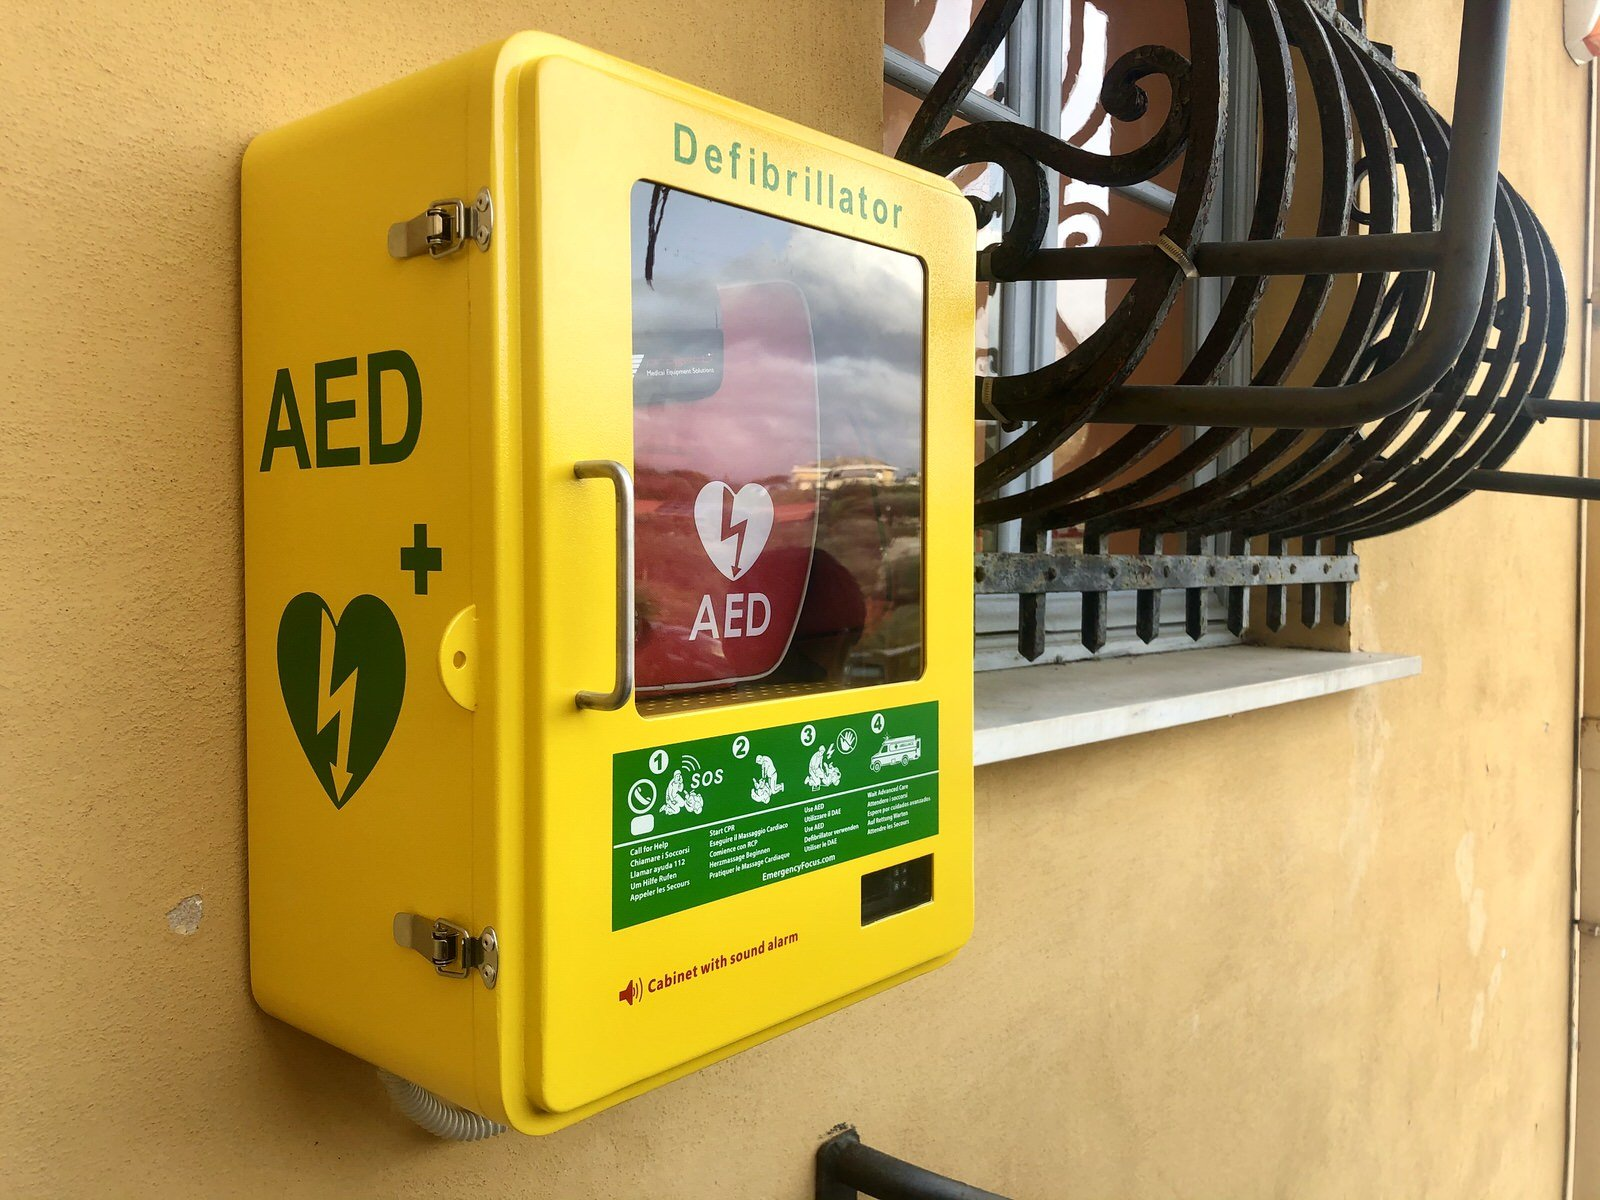 Nuovo defibrillatore al Liceo Scientifico Sportivo Gianelli Campus